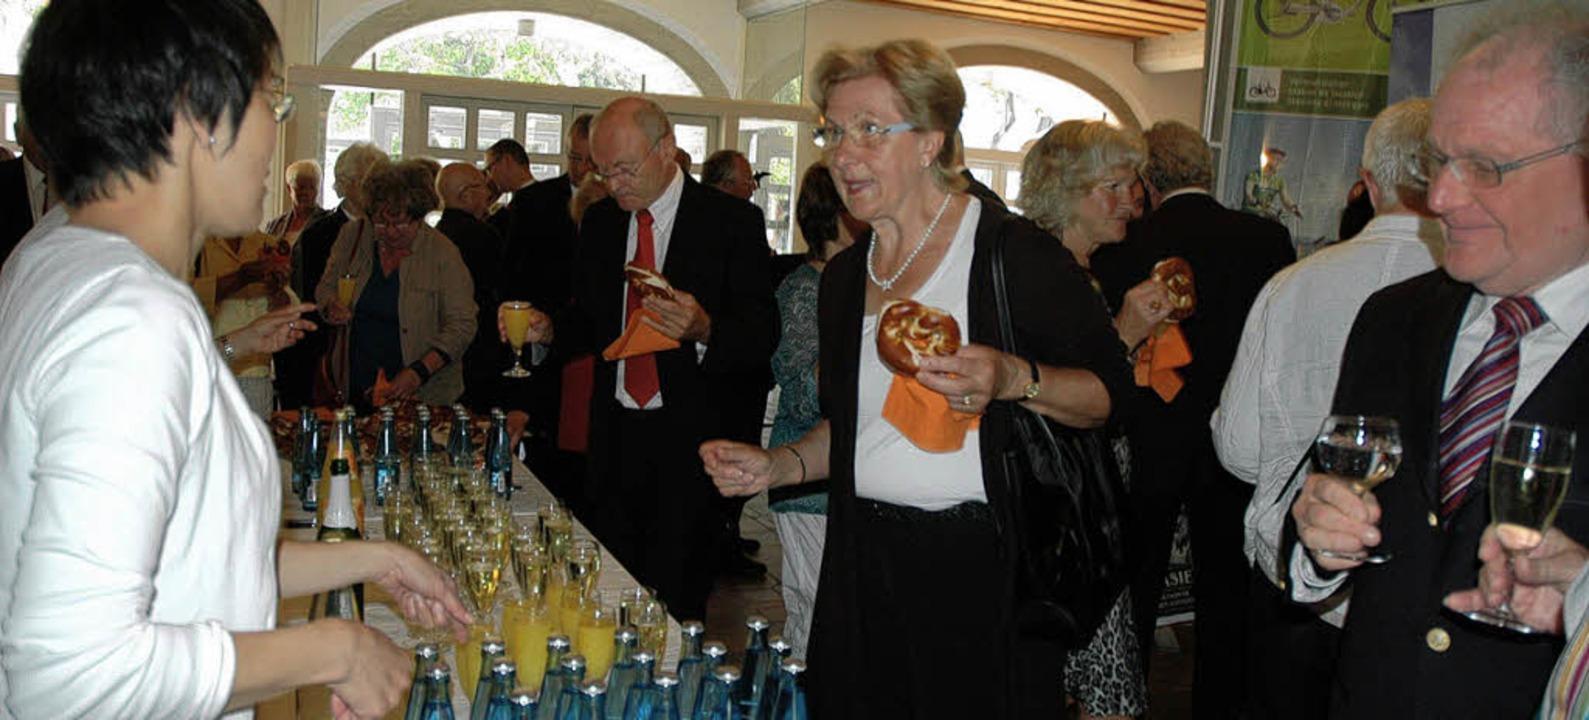 Nach der Feier lud die  Sparkasse zum ...m den St. Blasier Ehrenbürger drehte.   | Foto: Christiane Sahli